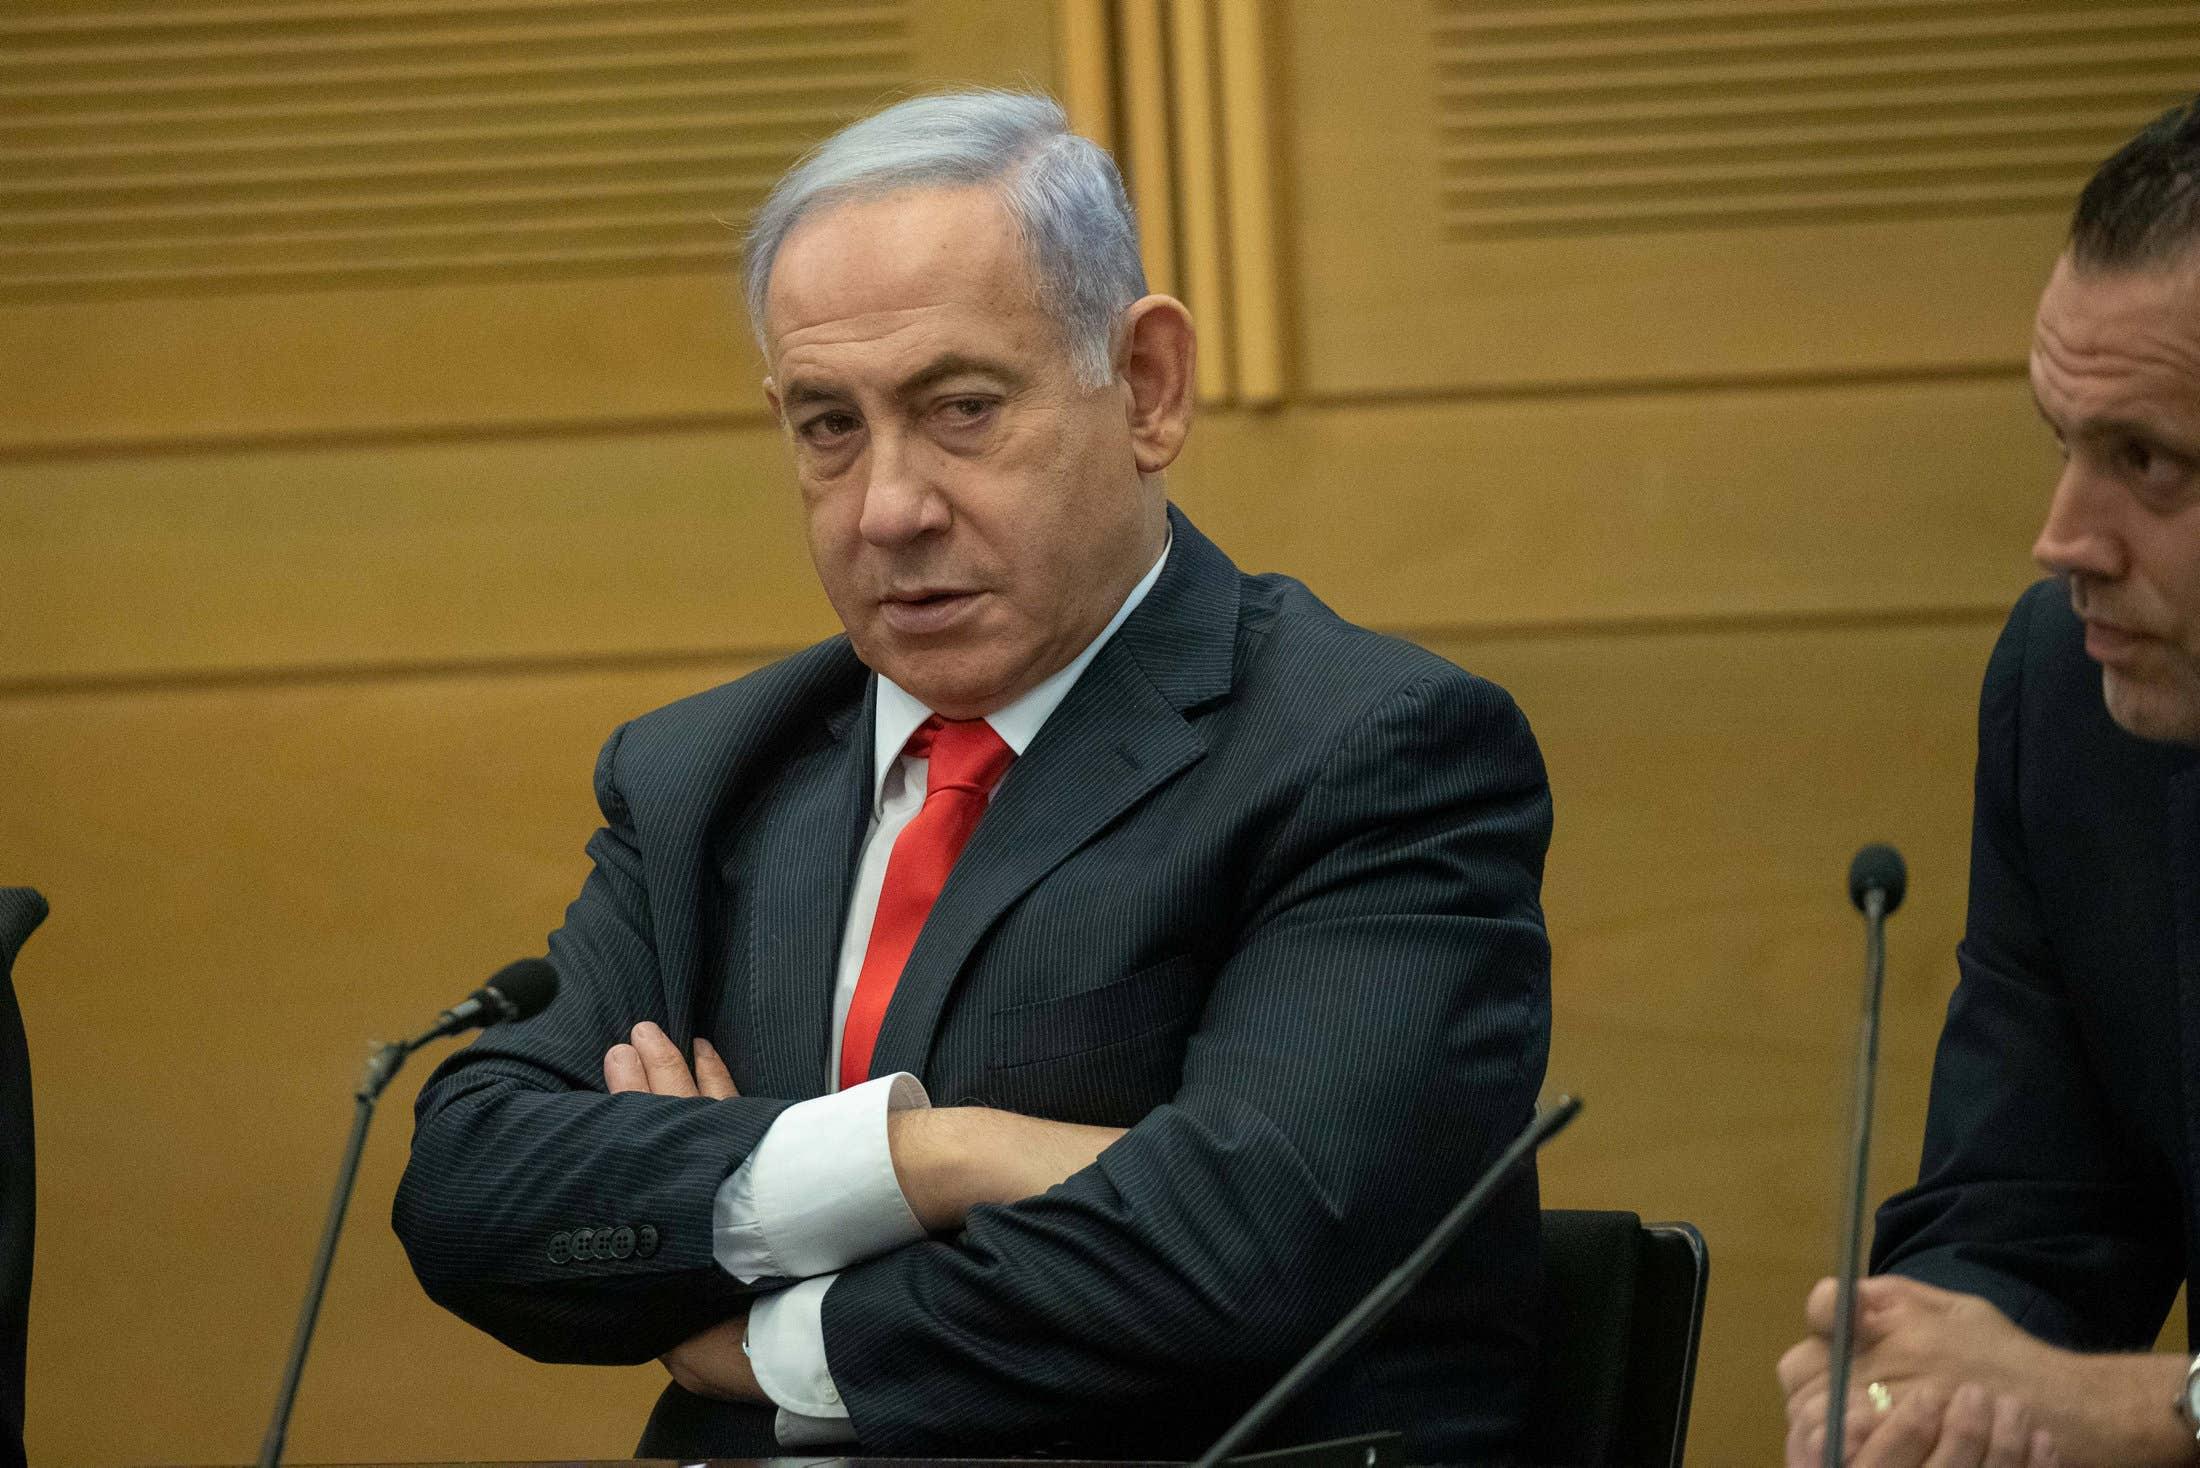 Israel's Netanyahu shredded official documents ahead of Bennett taking office